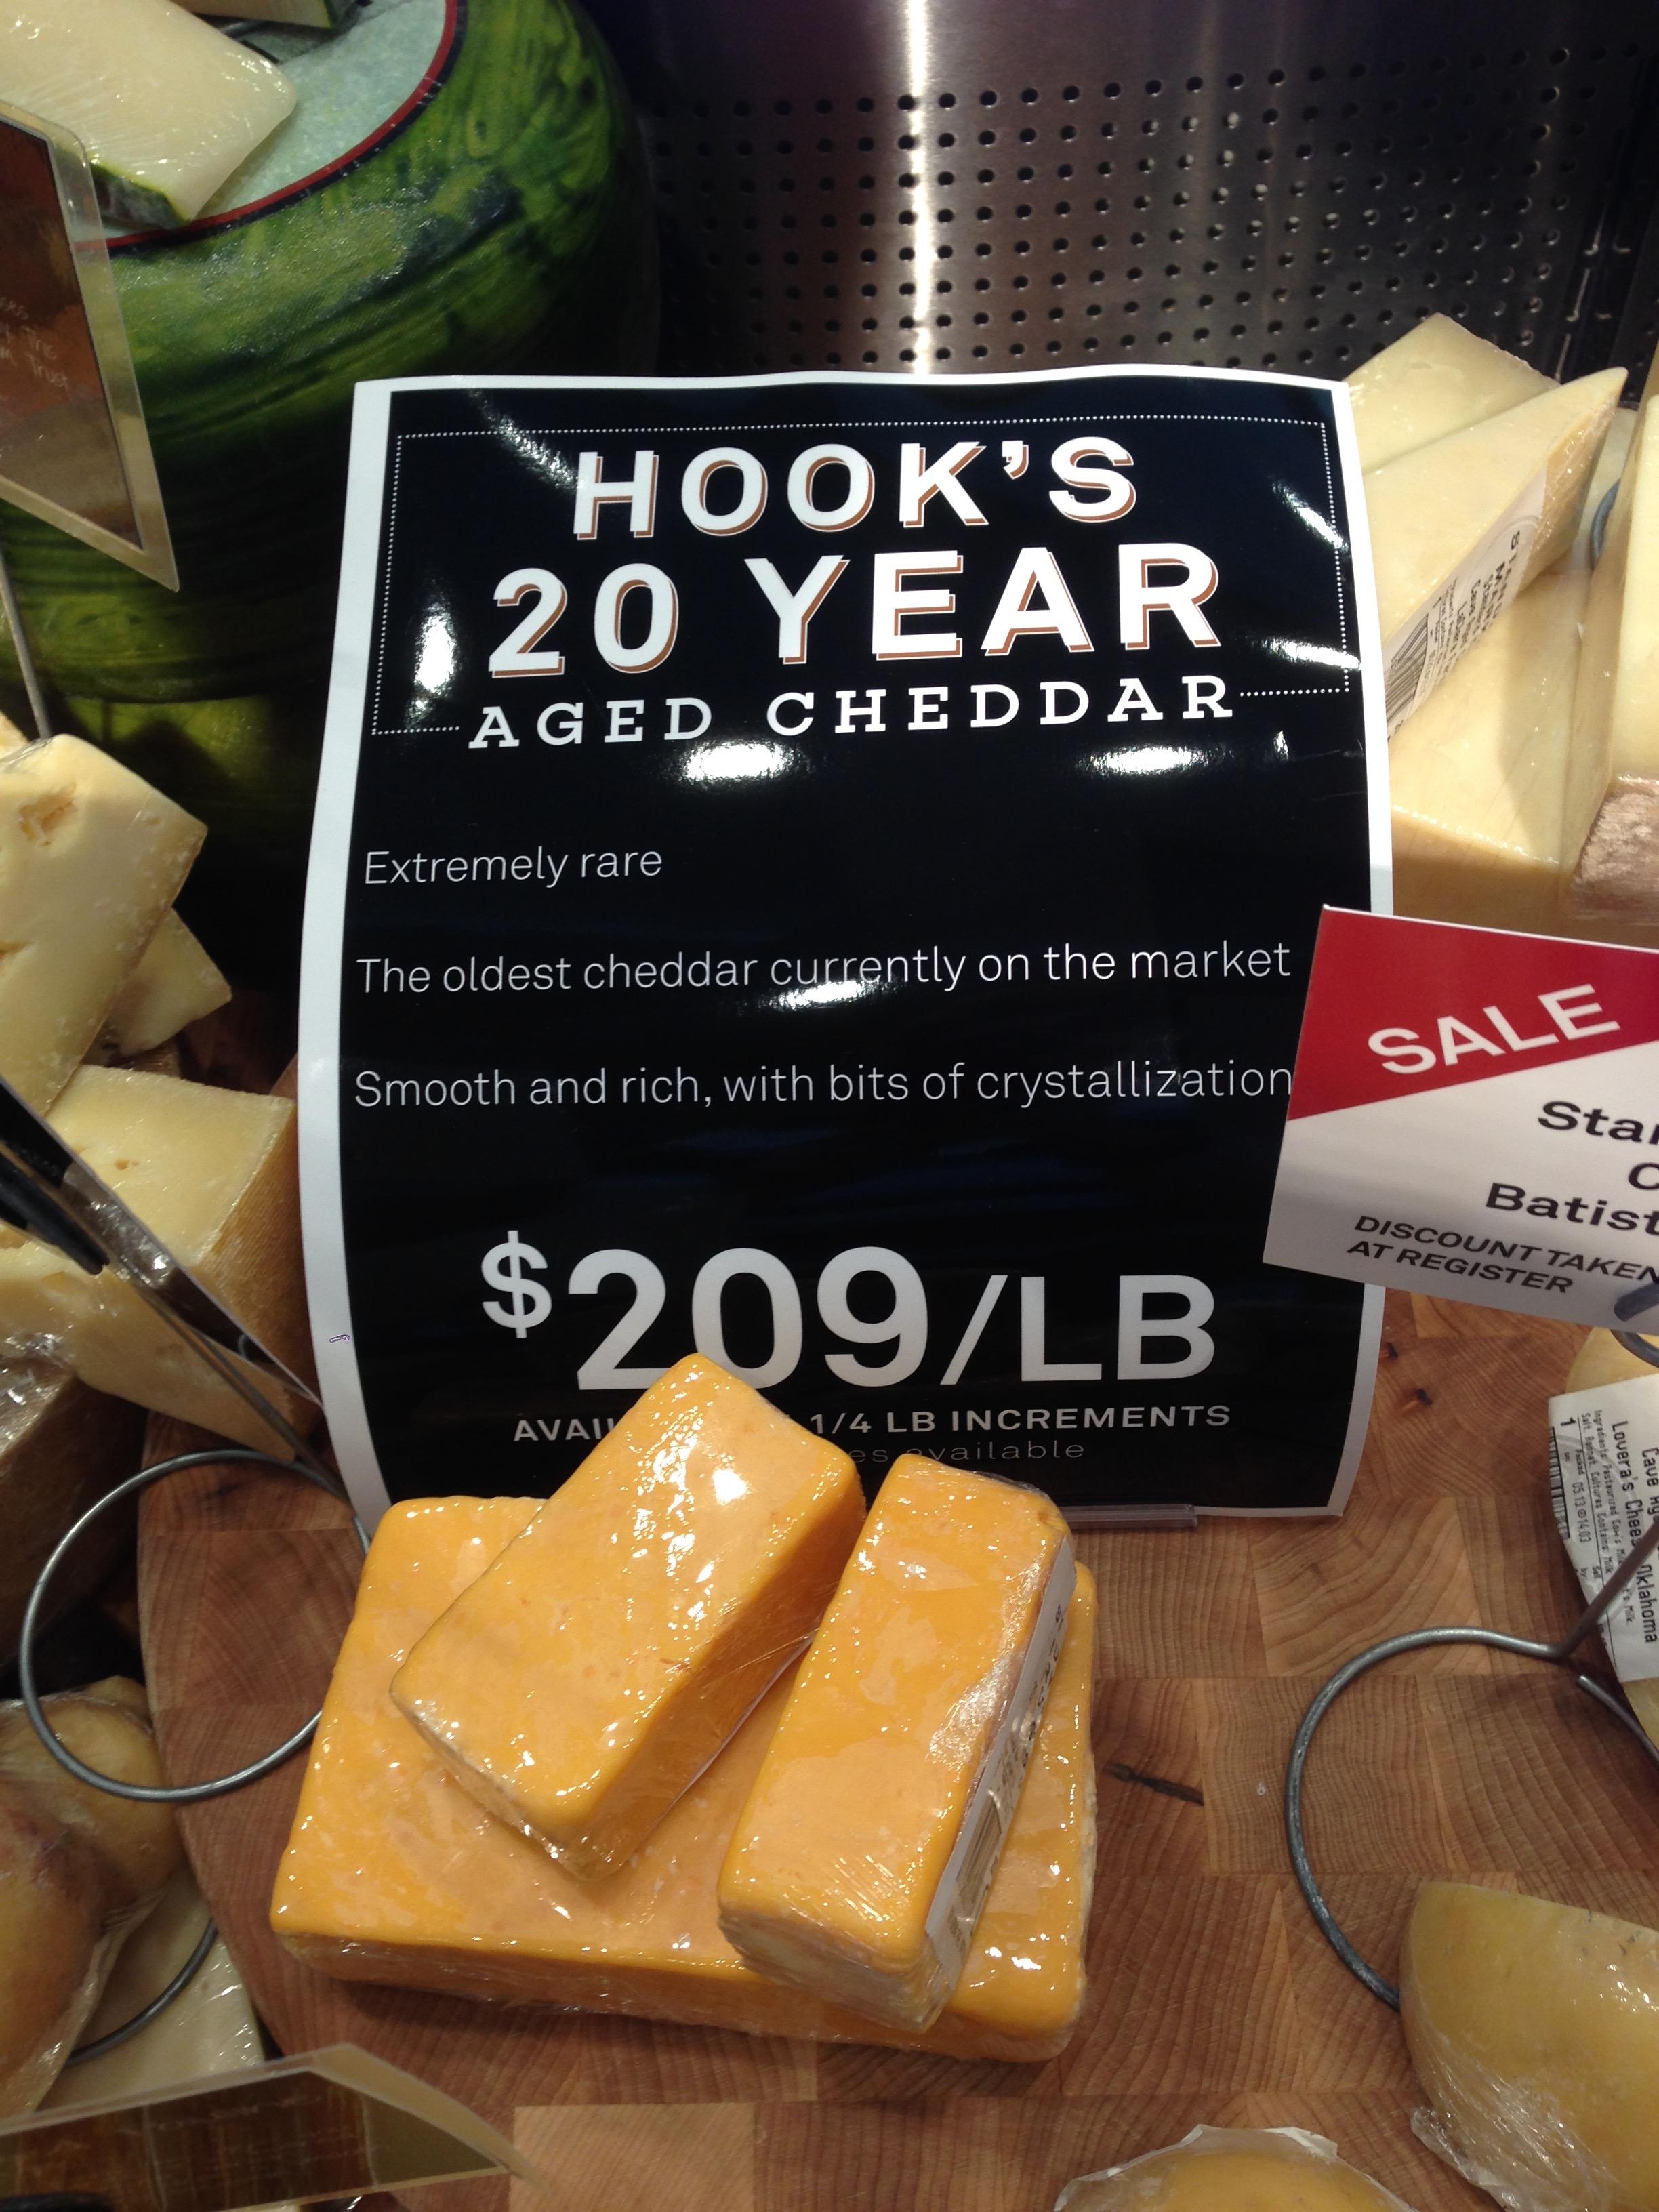 Hook's 20 Year Aged Cheddar